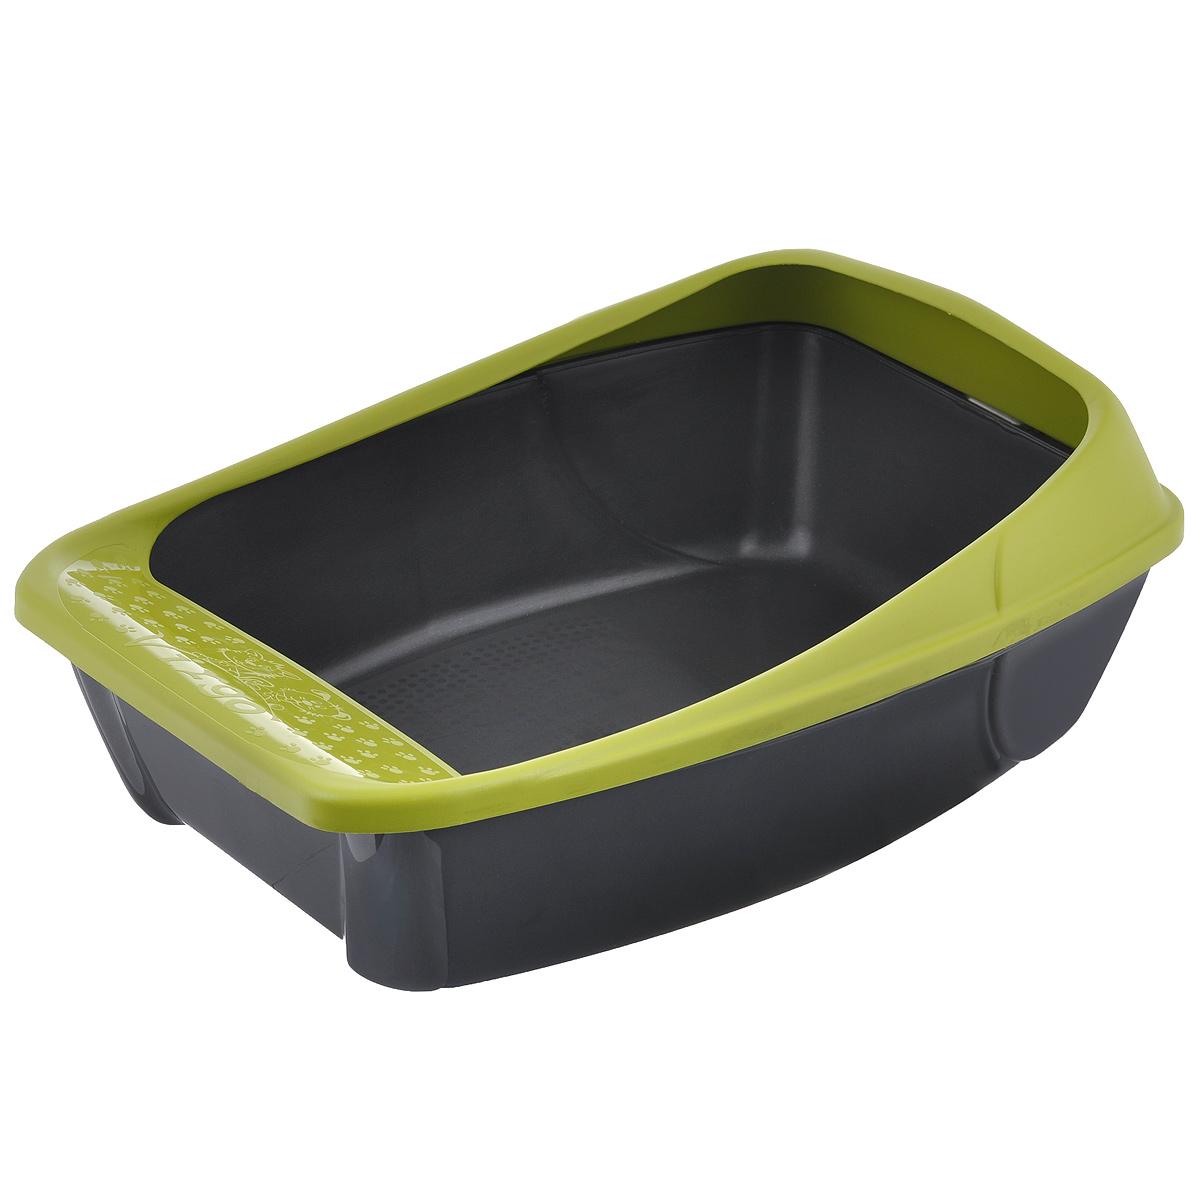 Туалет для кошек MPS Virgo, с бортом, цвет: салатовый, 52 см х 39 см х 20 смS08070100_салатовыйТуалет для кошек MPS Virgo изготовлен из качественного прочного пластика. Высокий борт, прикрепленный по периметру лотка, удобно защелкивается и предотвращает разбрасывание наполнителя. Это самый простой в употреблении предмет обихода для кошек и котов.